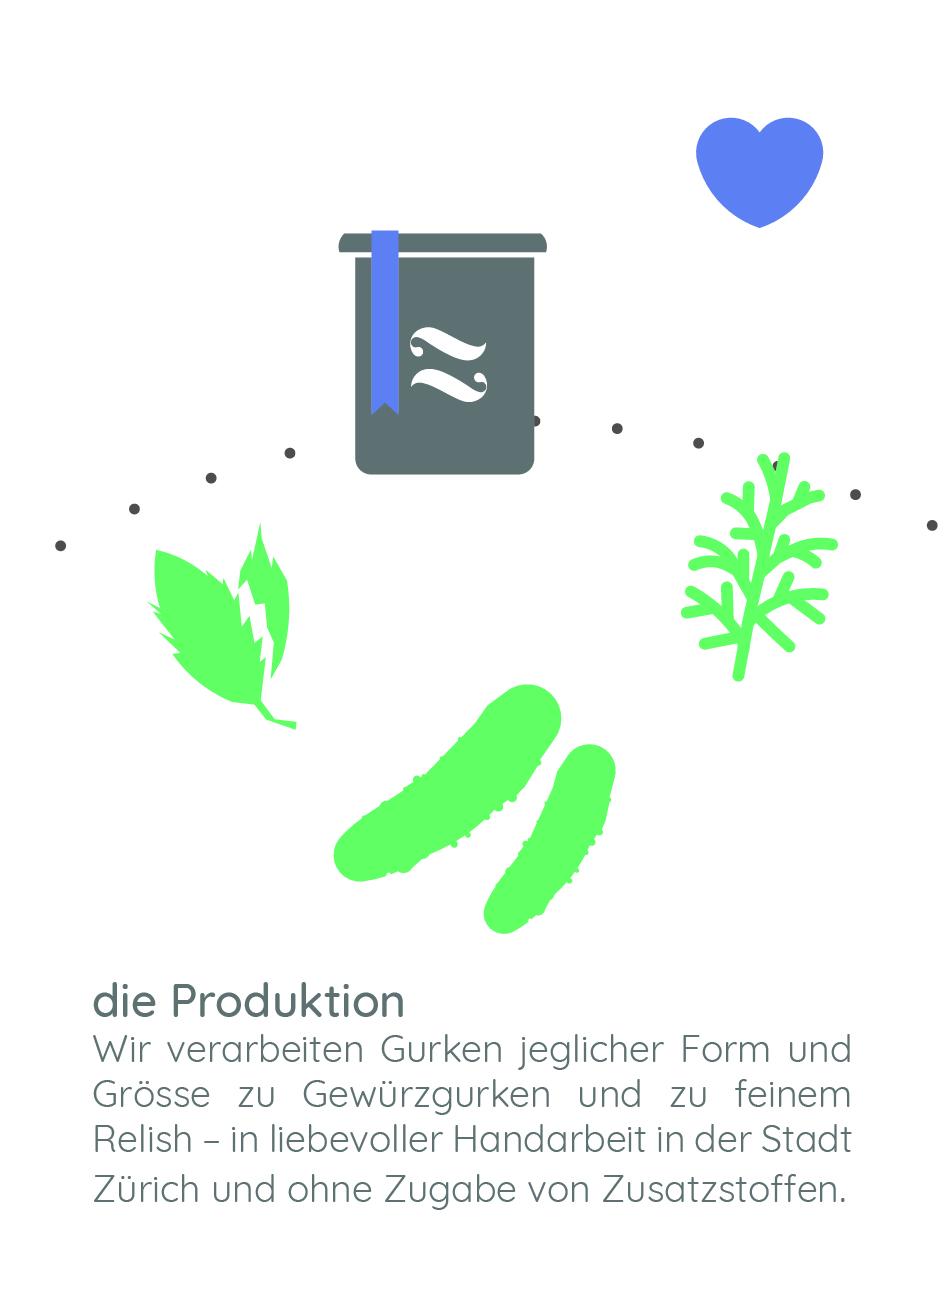 ZGP_Flyer_02_Flyer copy 4